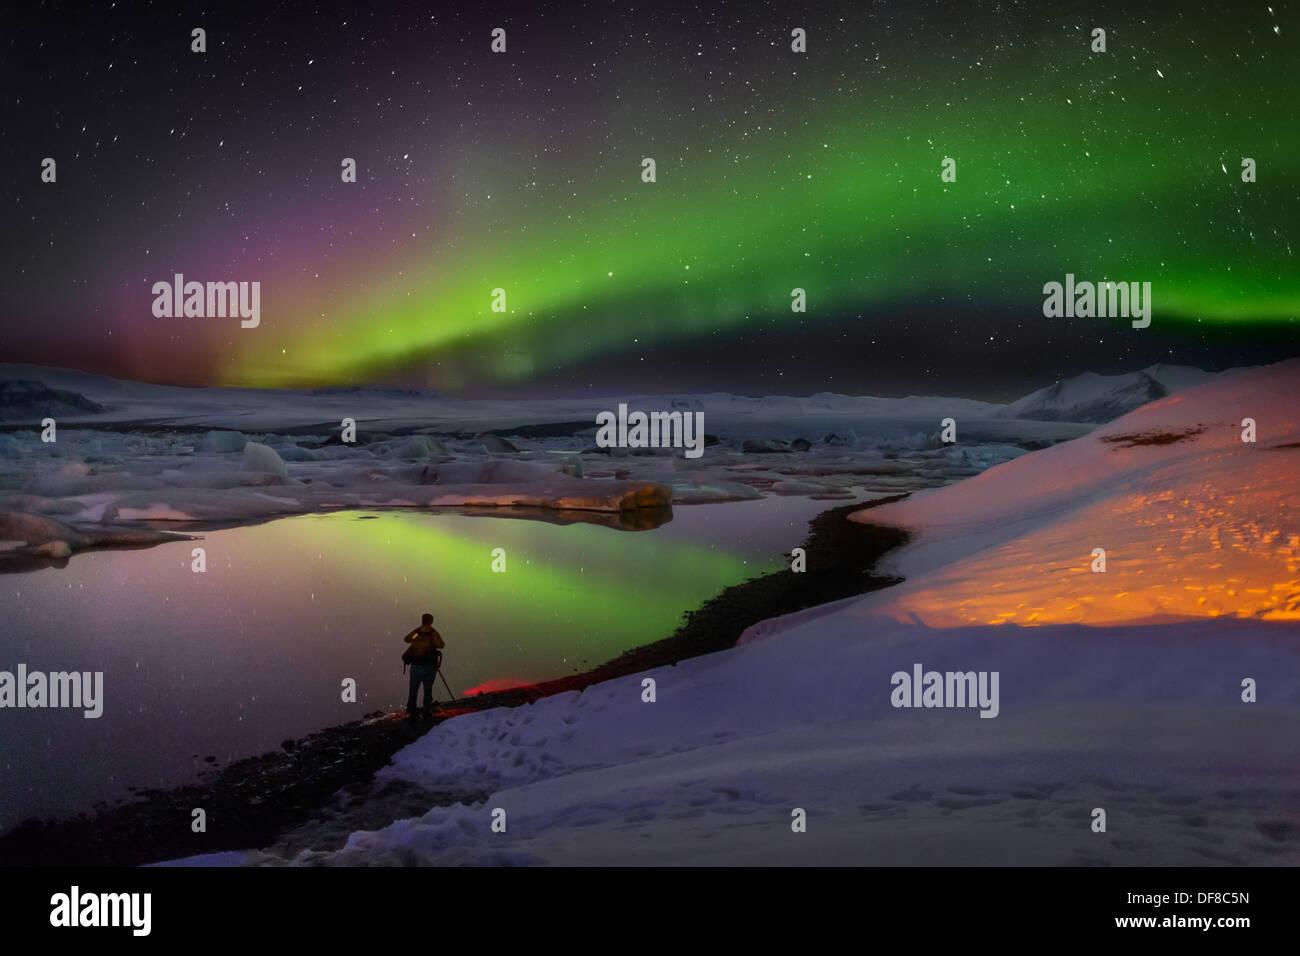 Fotografieren das Nordlicht am Jökulsárlón, Breidarmerkurjokull, Vatnajökull-Eiskappe, Island. Stockbild